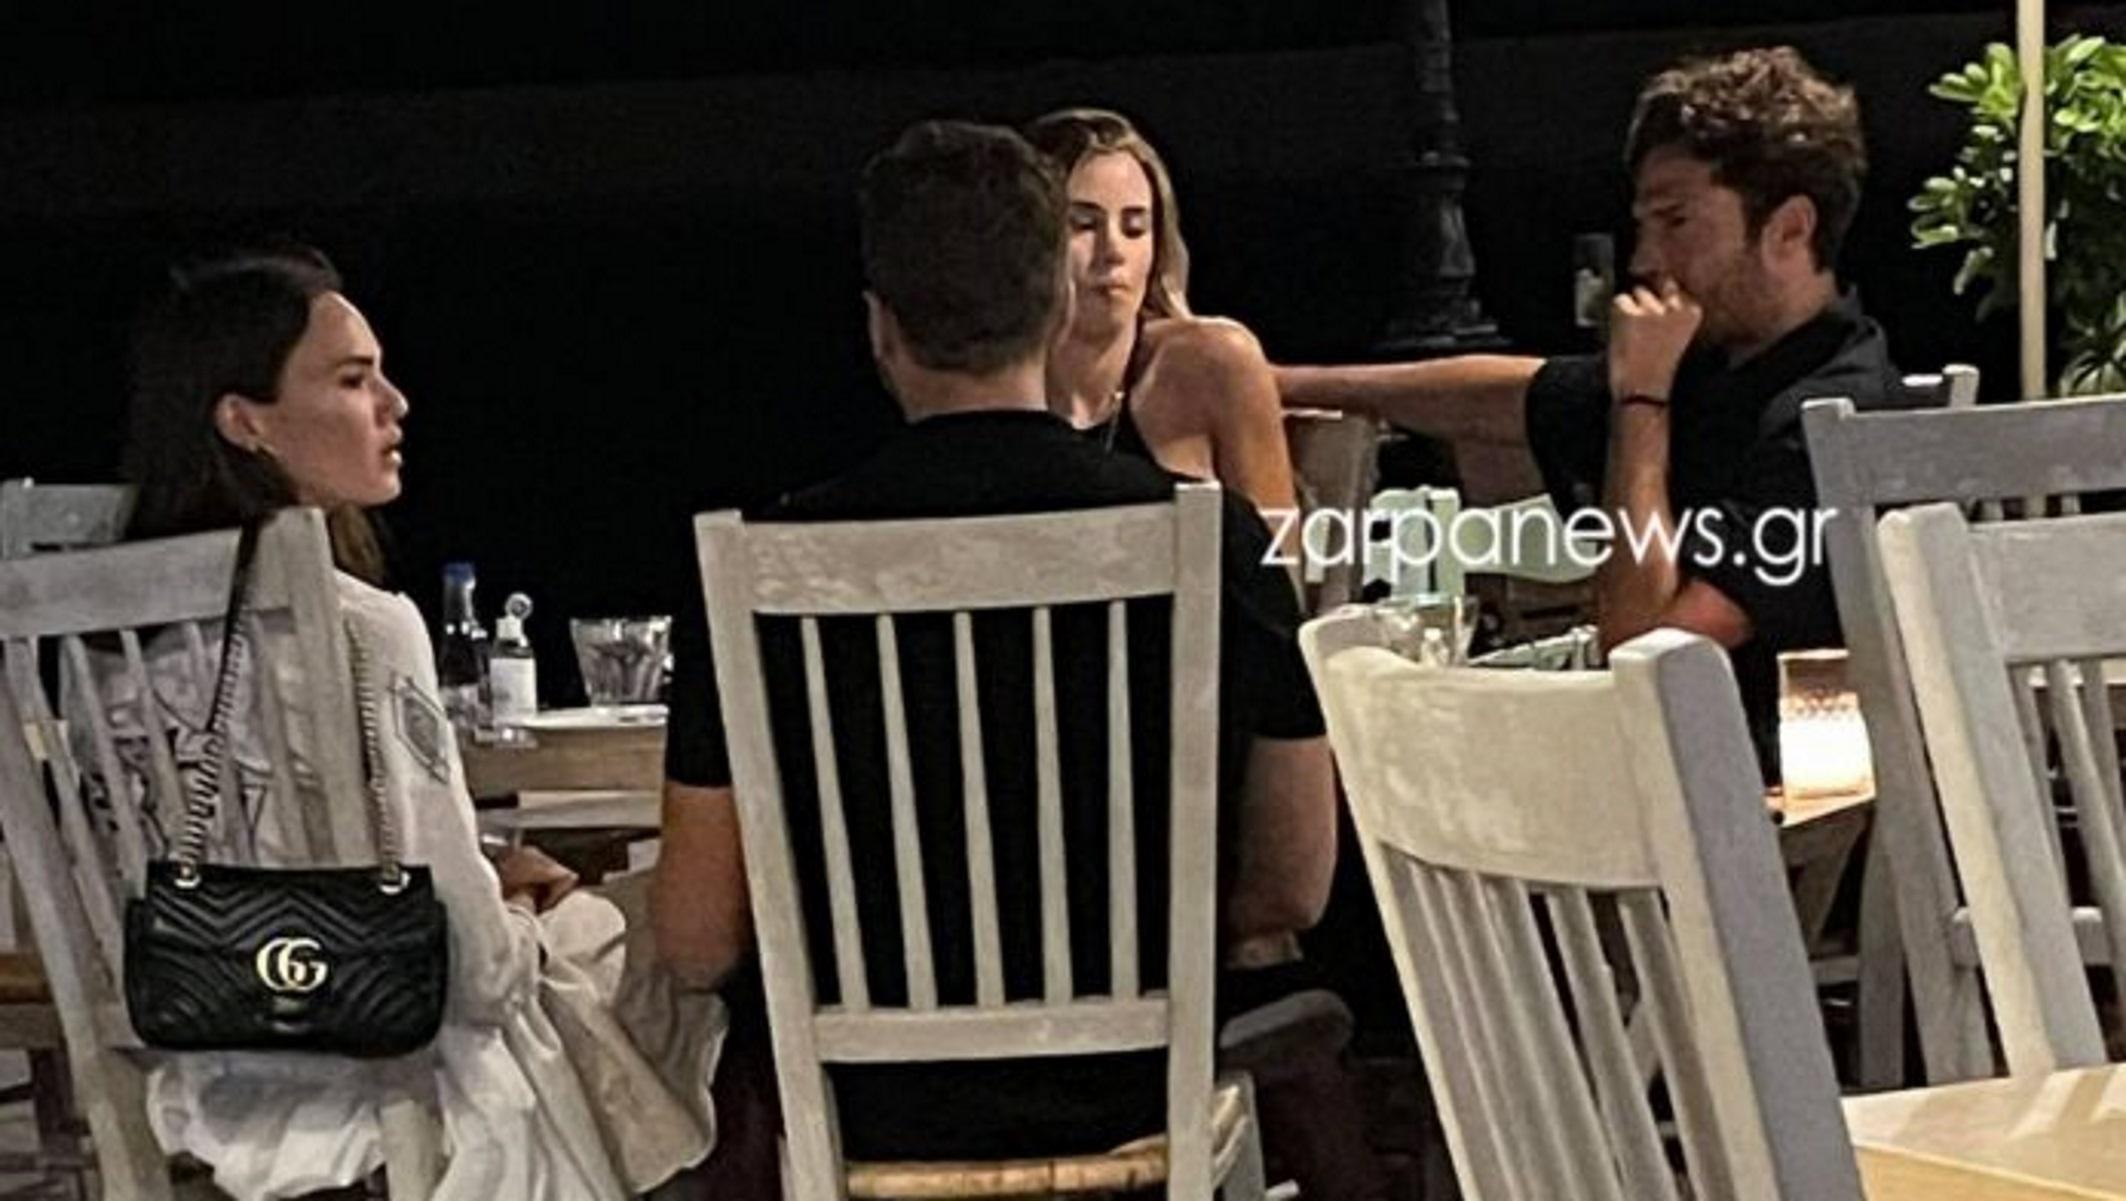 Κωνσταντίνος Αργυρός: Χαλαρώνει στα Χανιά – Το δείπνο, η παρέα και οι selfies